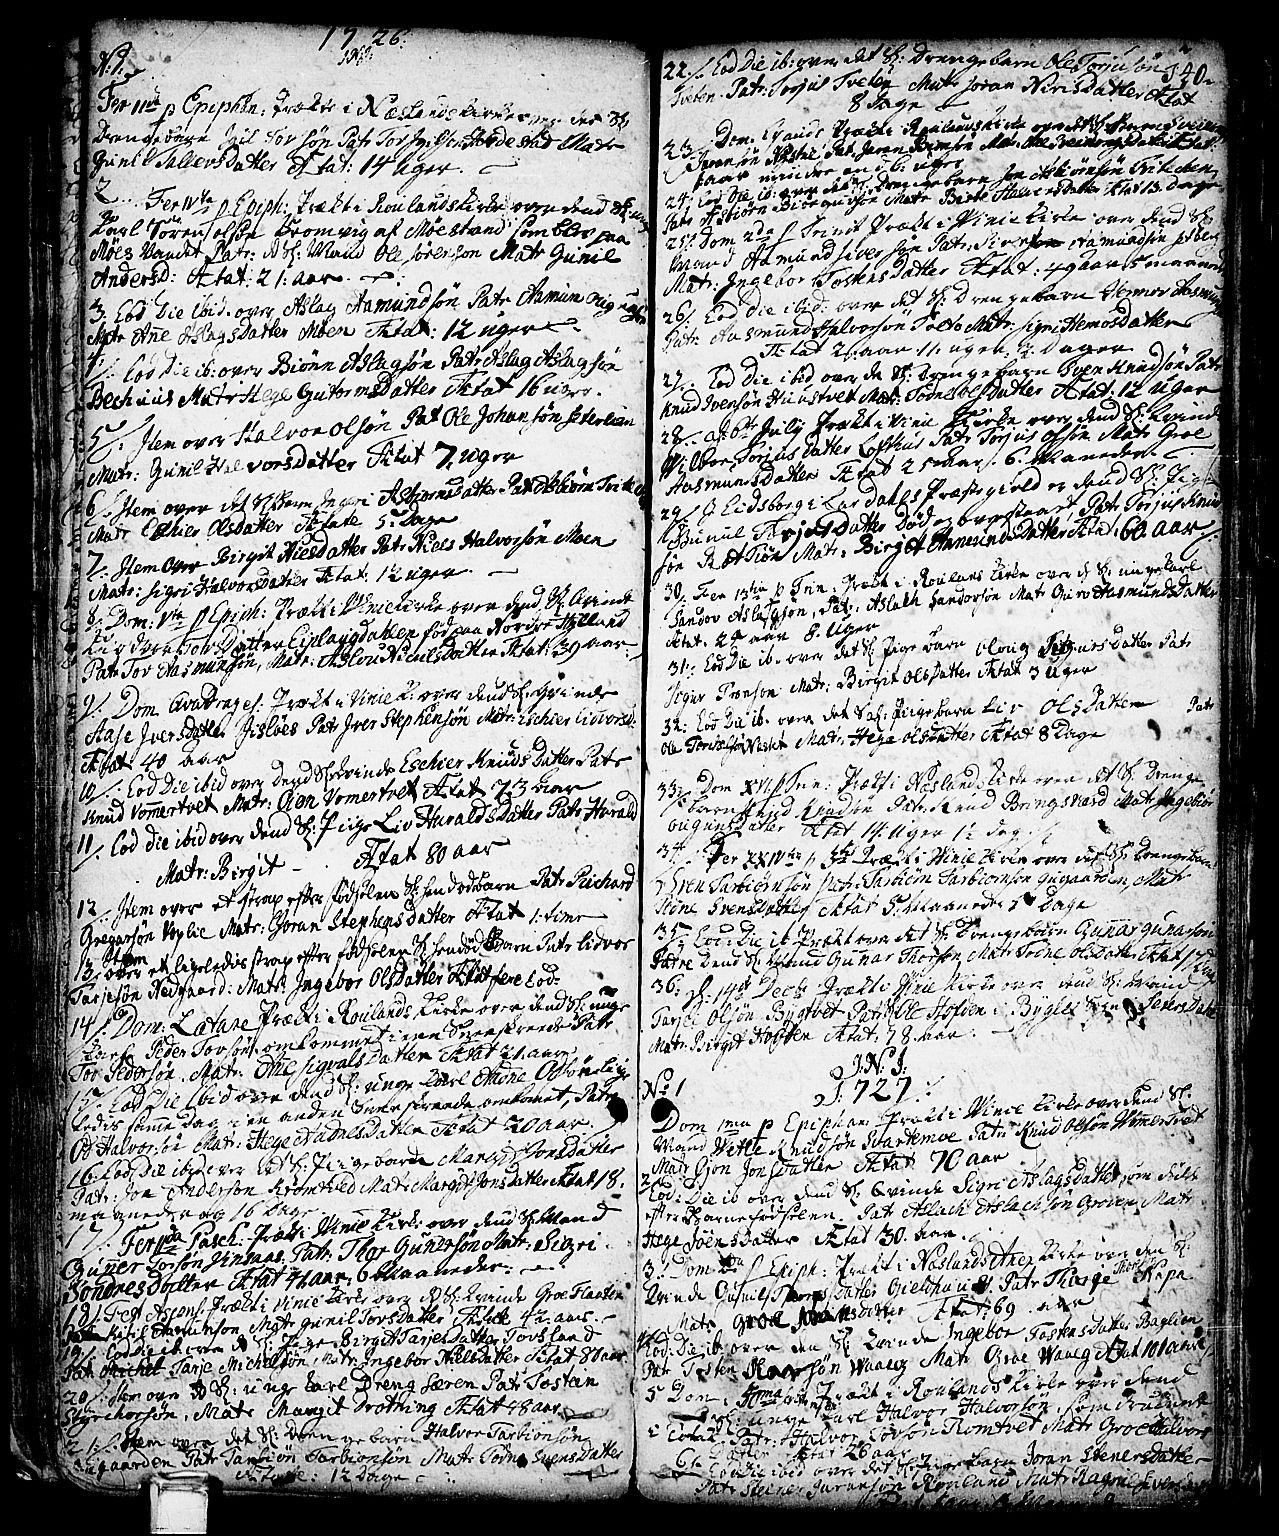 SAKO, Vinje kirkebøker, F/Fa/L0001: Ministerialbok nr. I 1, 1717-1766, s. 140